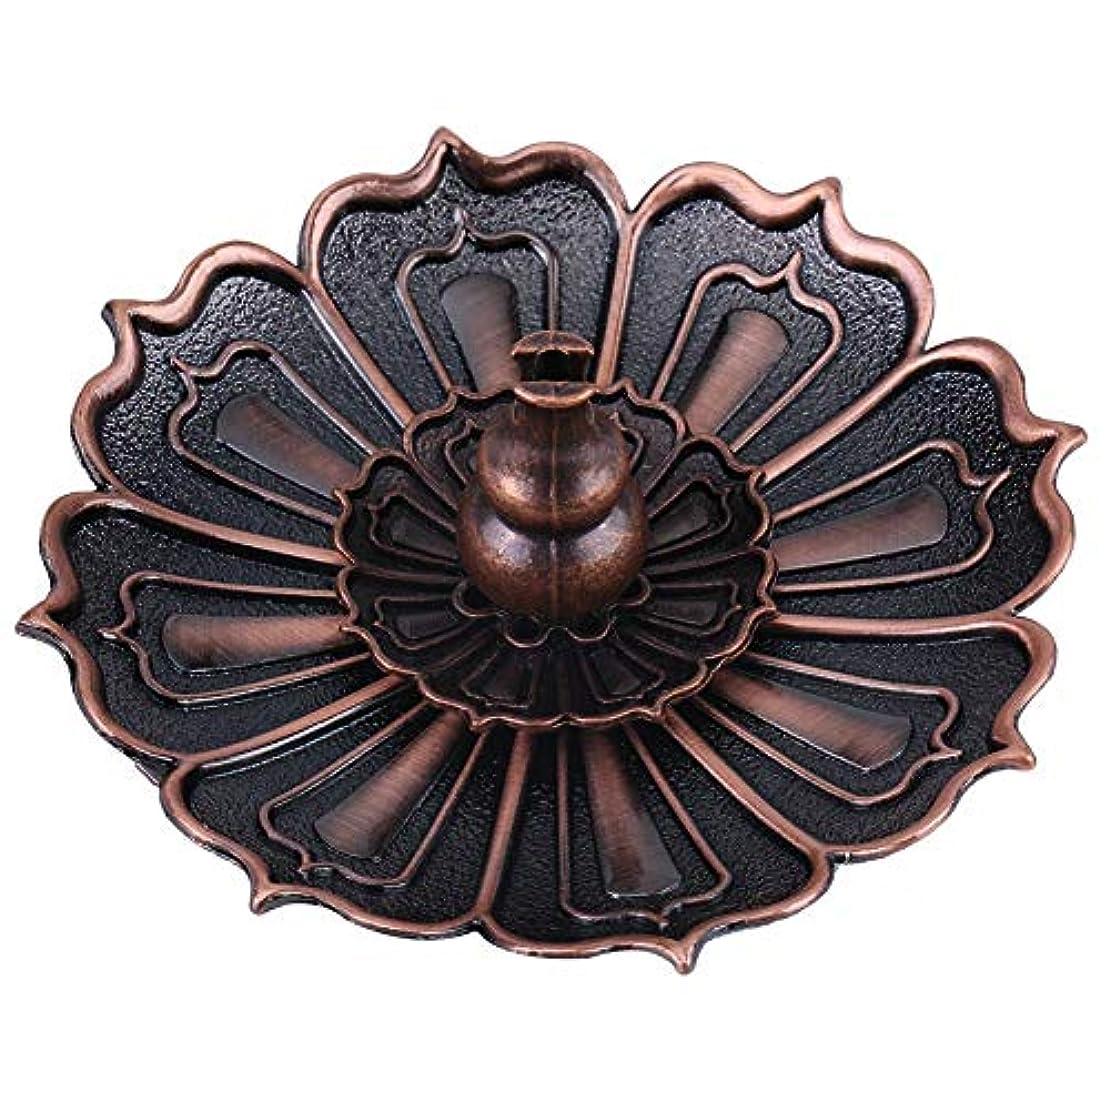 ボスメナジェリー注入蓮の花の形の香ホルダー - 線香炉 香立て お香用具 お線香用可 アロマ香炉9×3.5センチメートル